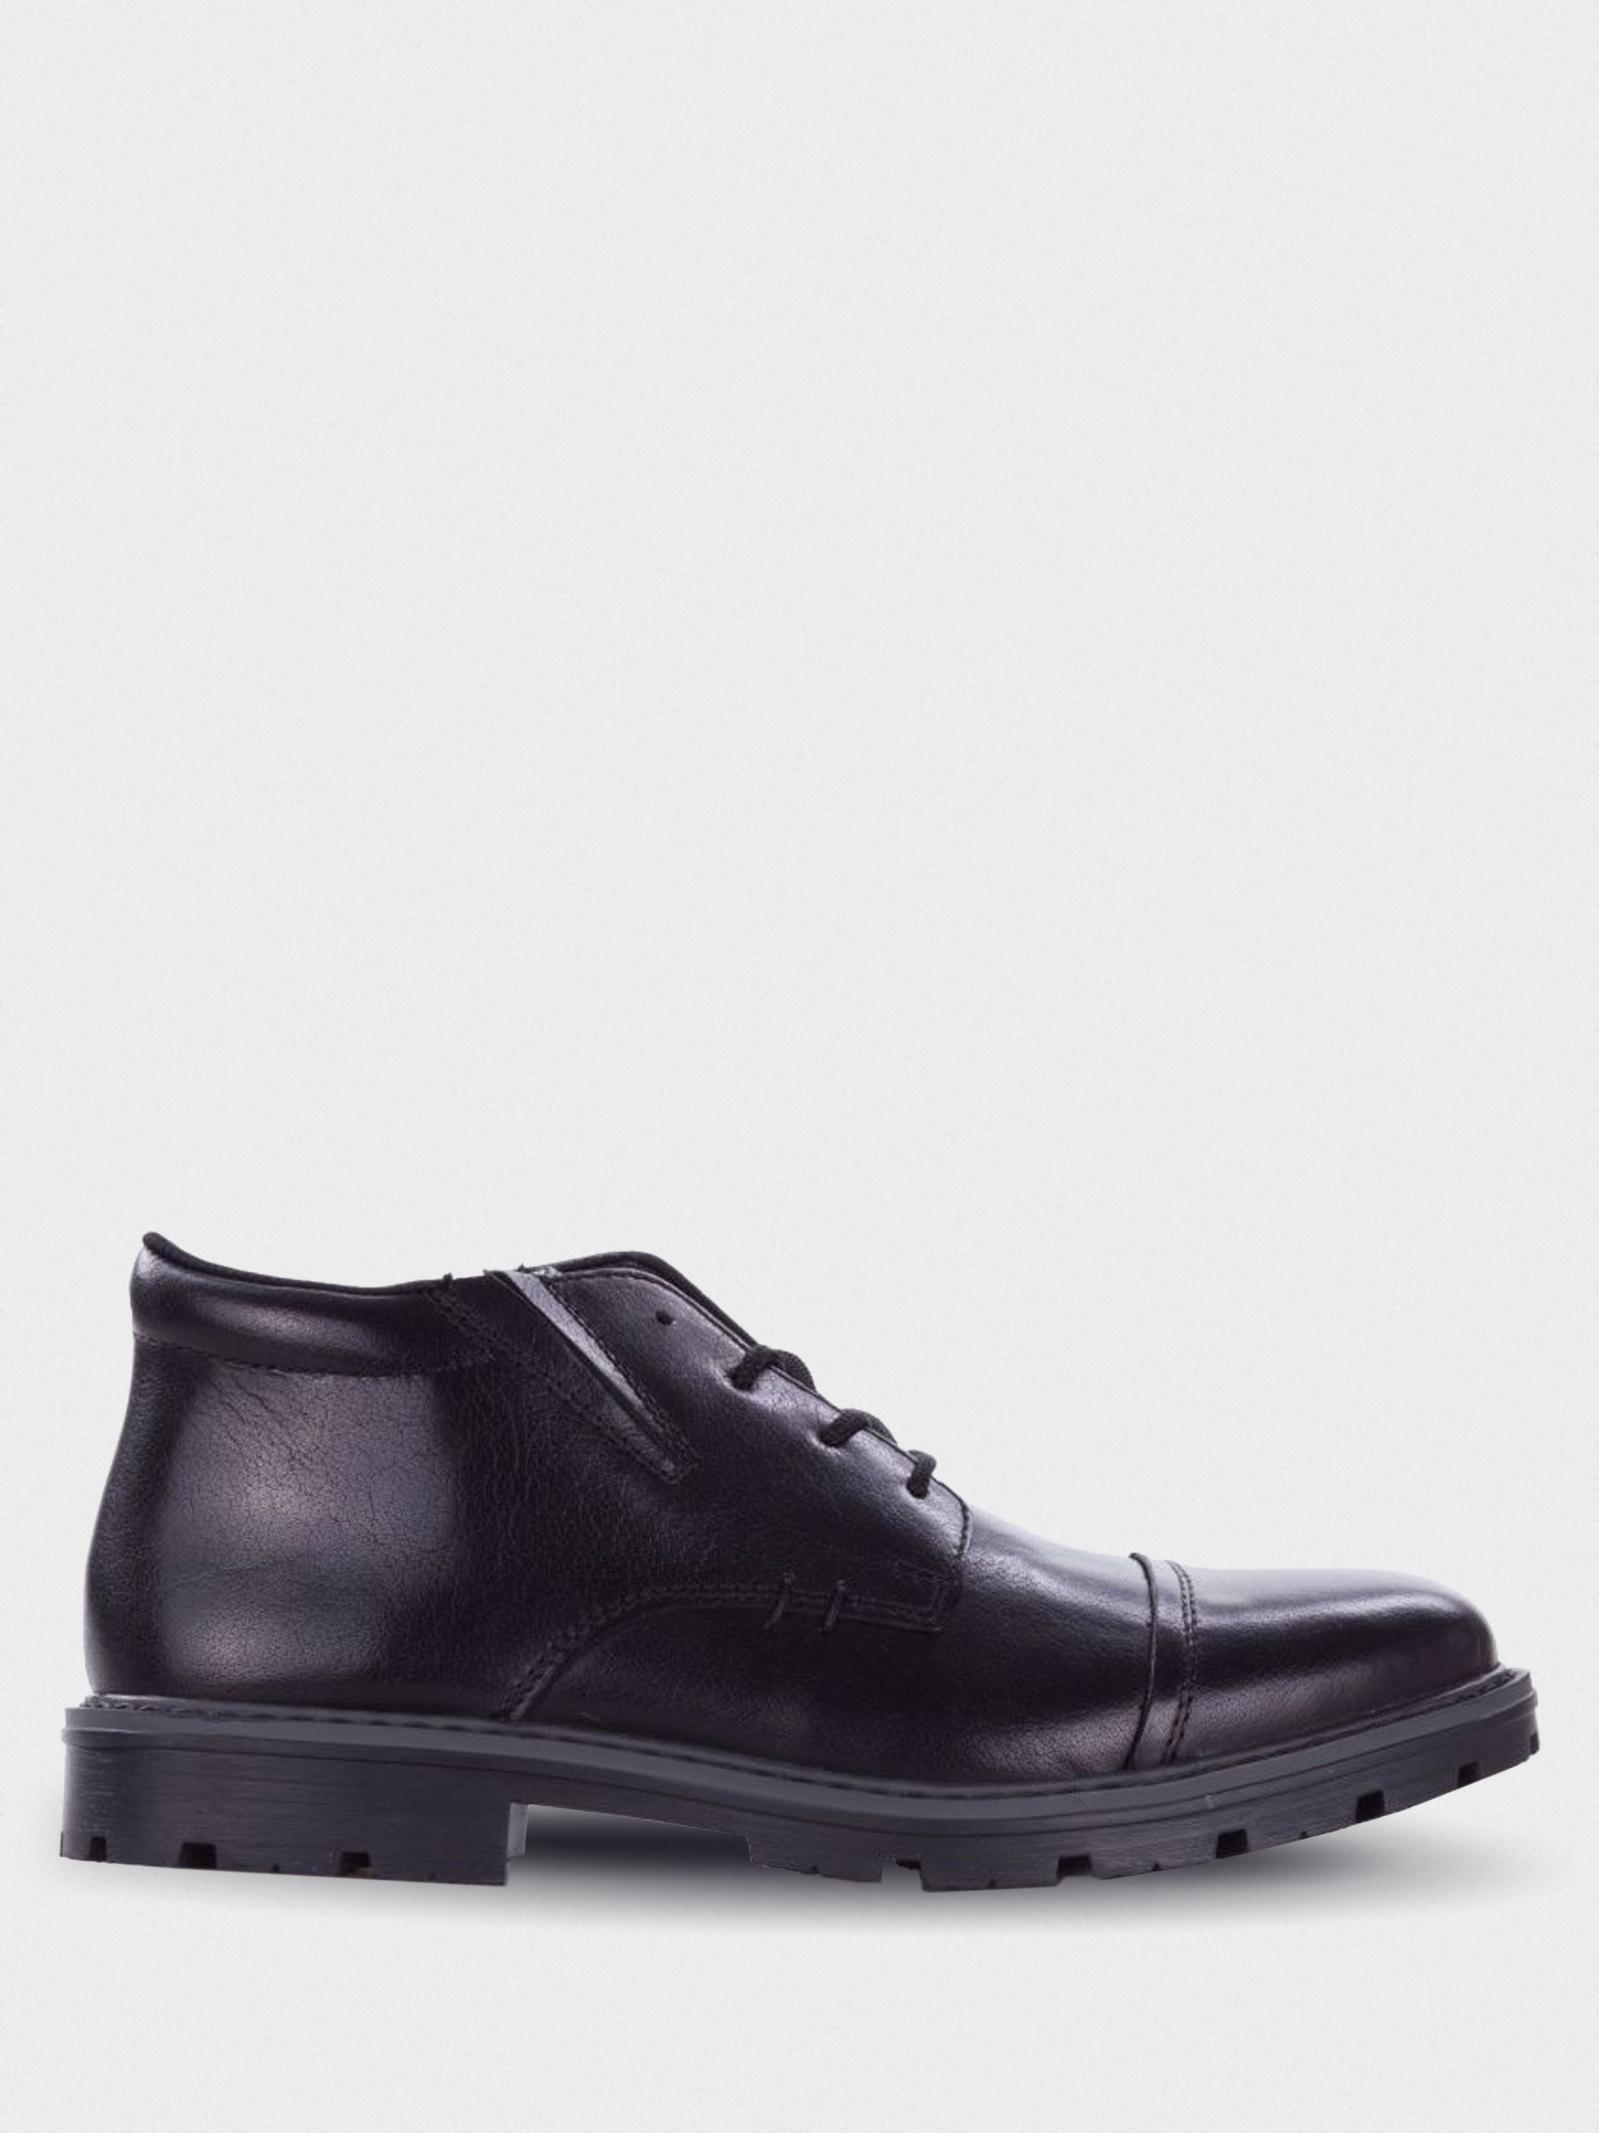 Ботинки для мужчин RIEKER RK630 цена, 2017